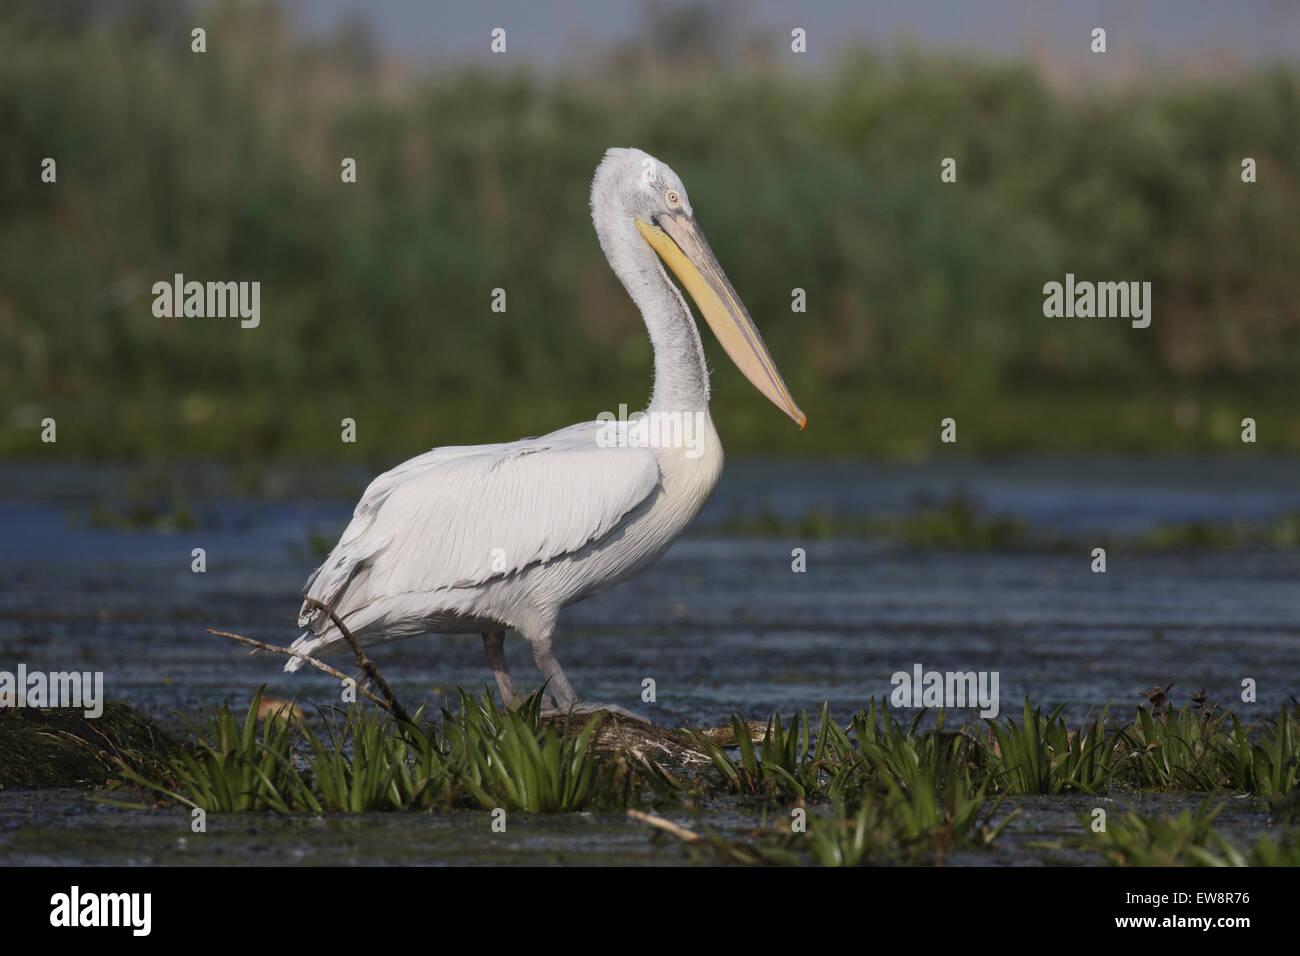 Dalmatian pelican, Pelecanus crispus, single bird by water, Romania, May 2015 - Stock Image